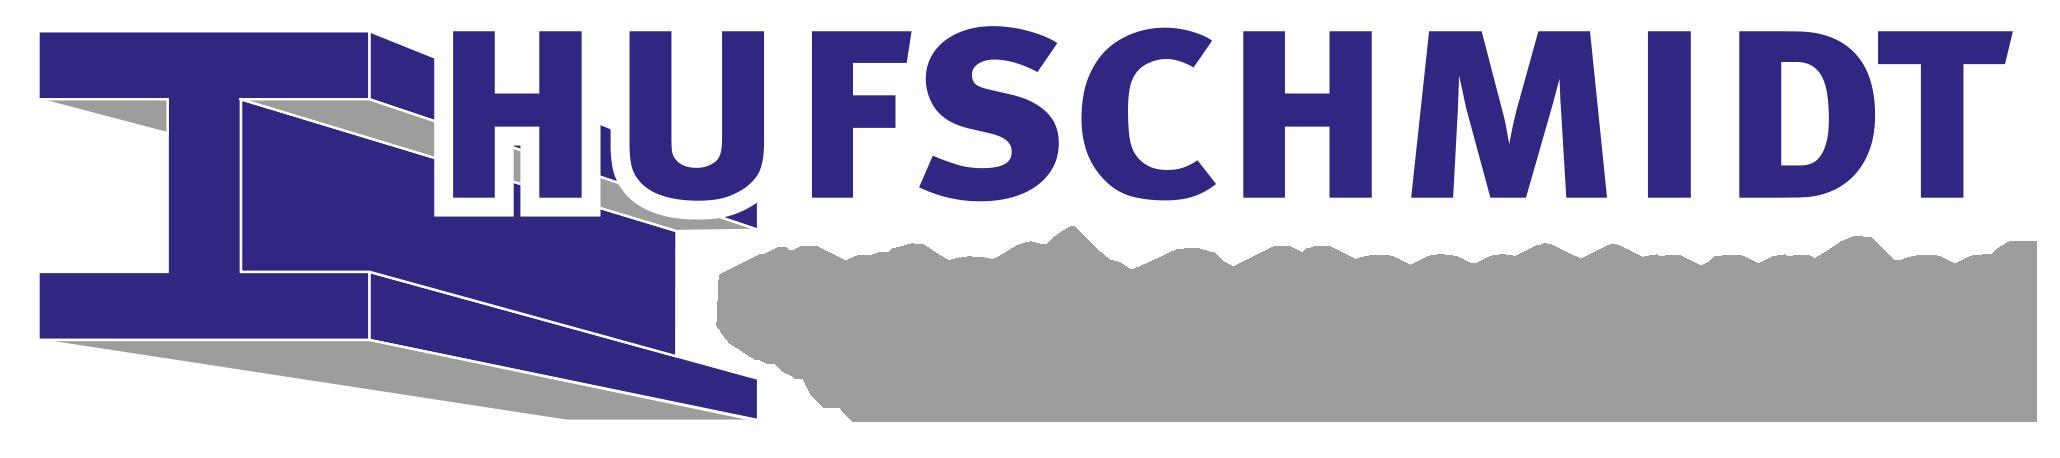 Hufschmidt Metall- & Maschinenbau